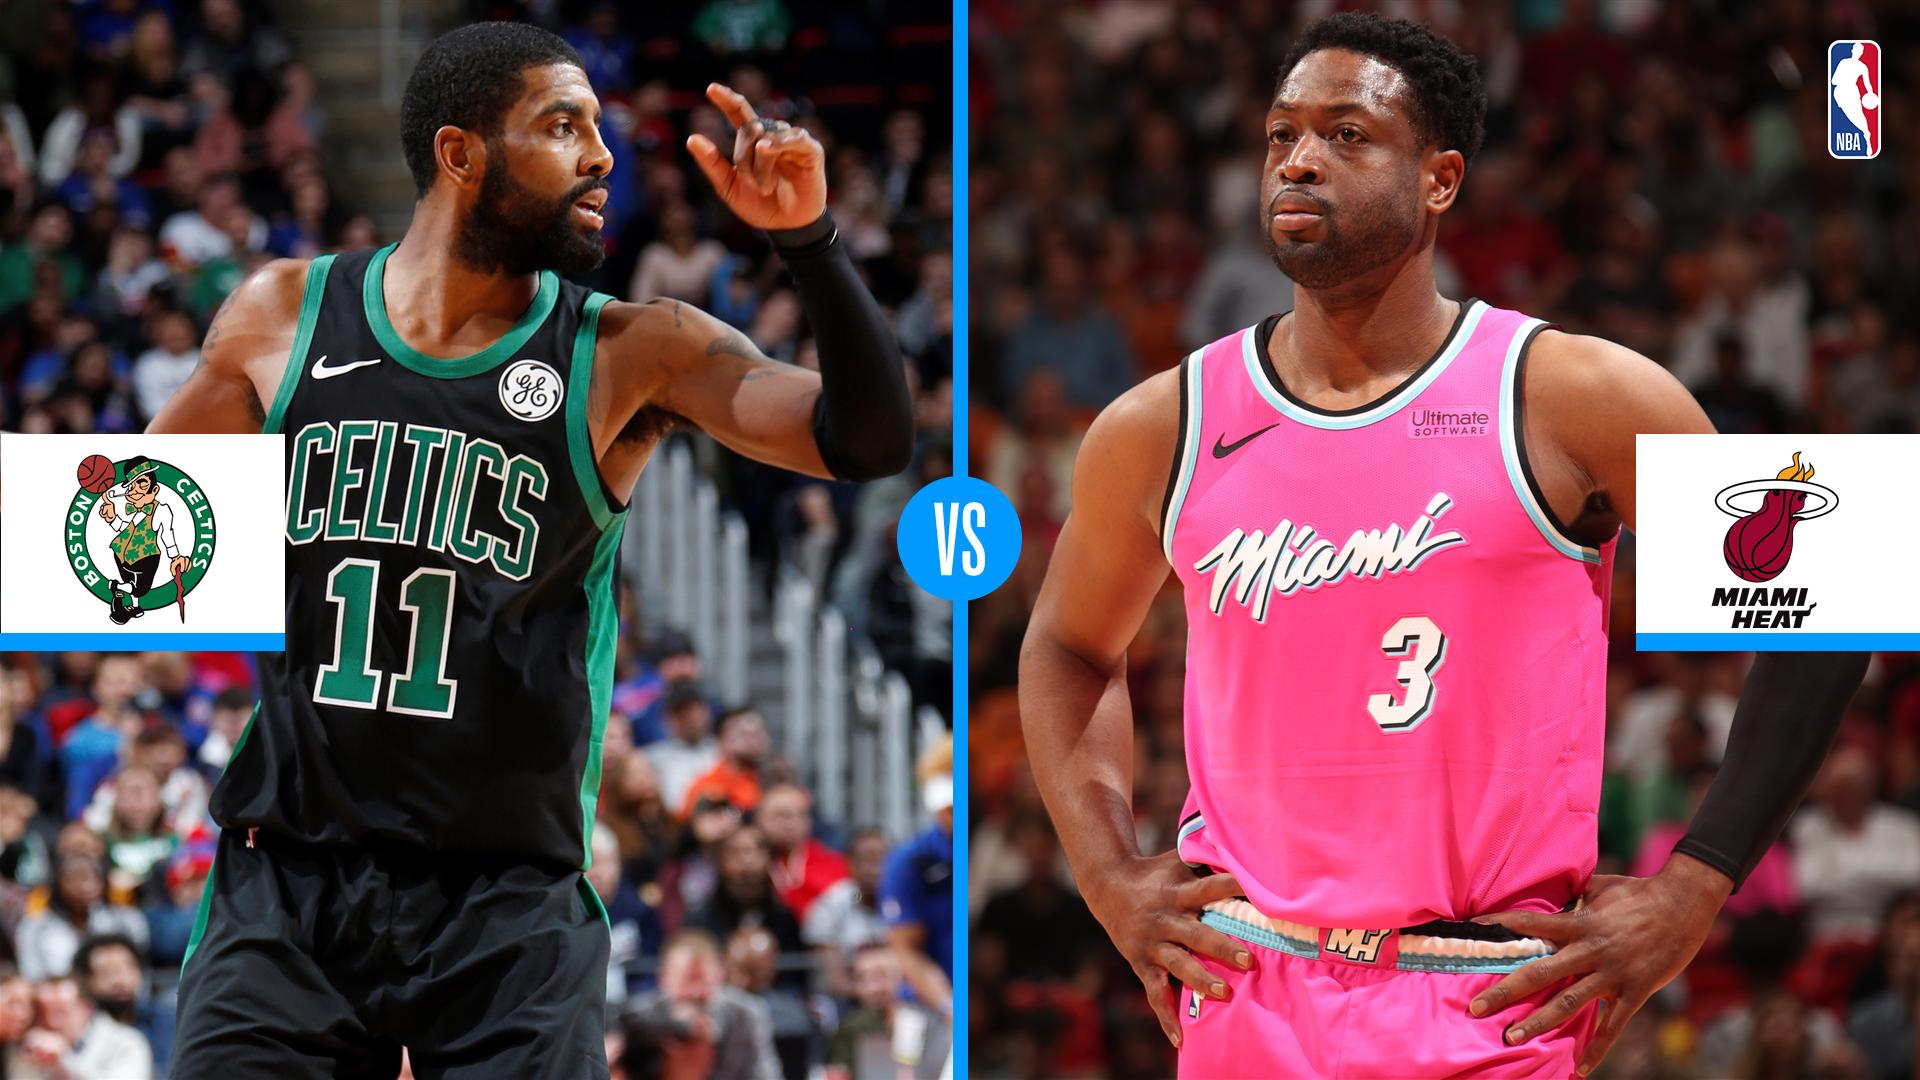 Heat Vs Celtics: Boston Celtics Vs Miami Heat: Game Preview, Live Stream